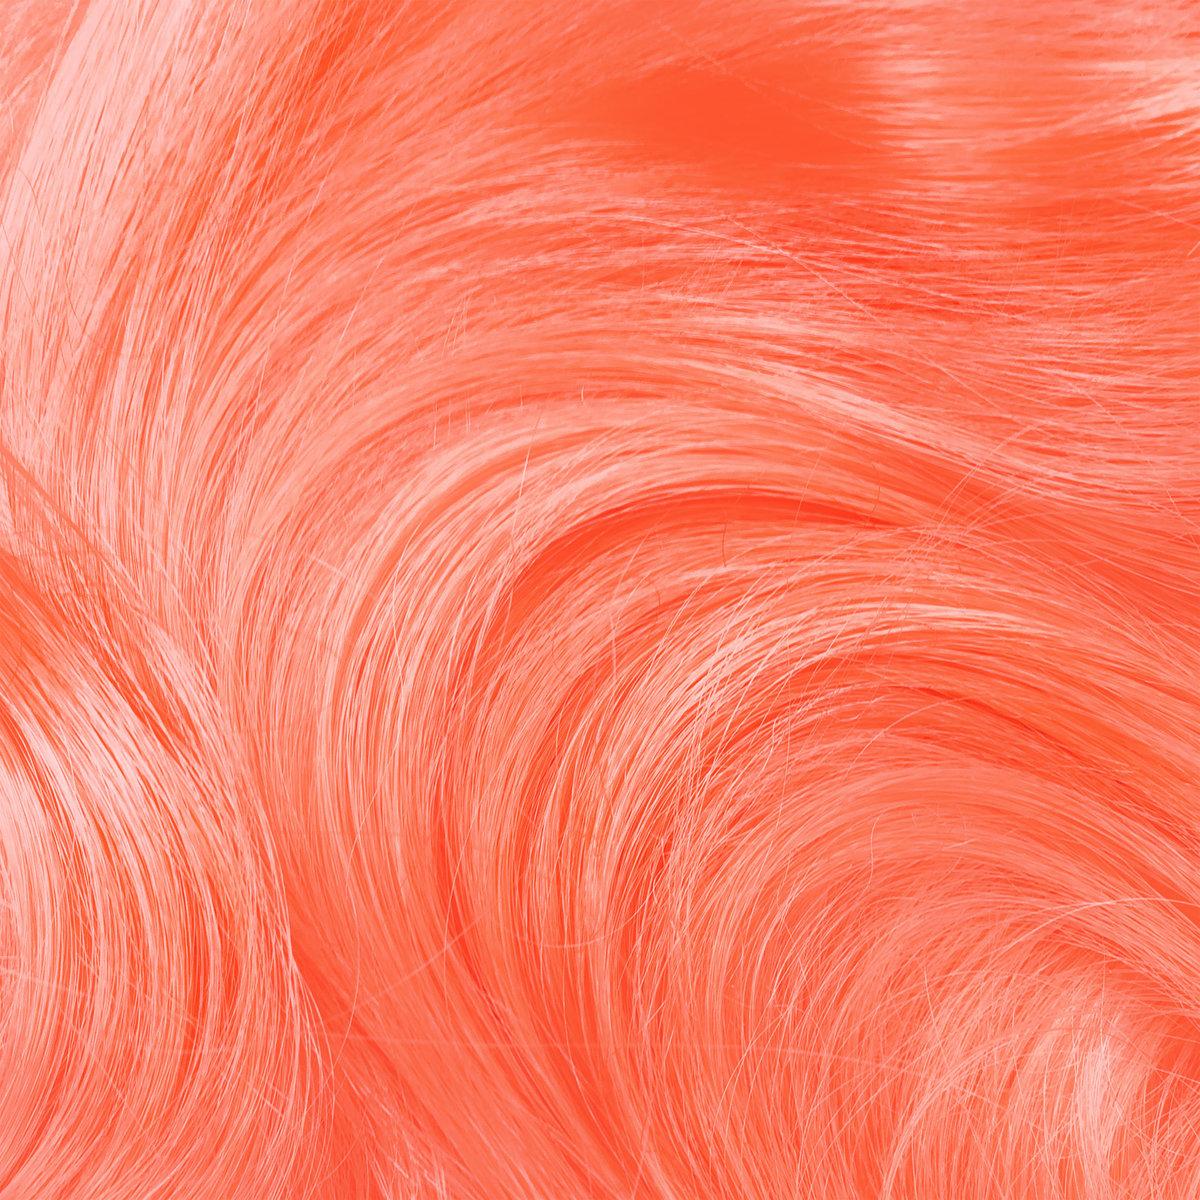 neon-peach-hair-swatch.jpg